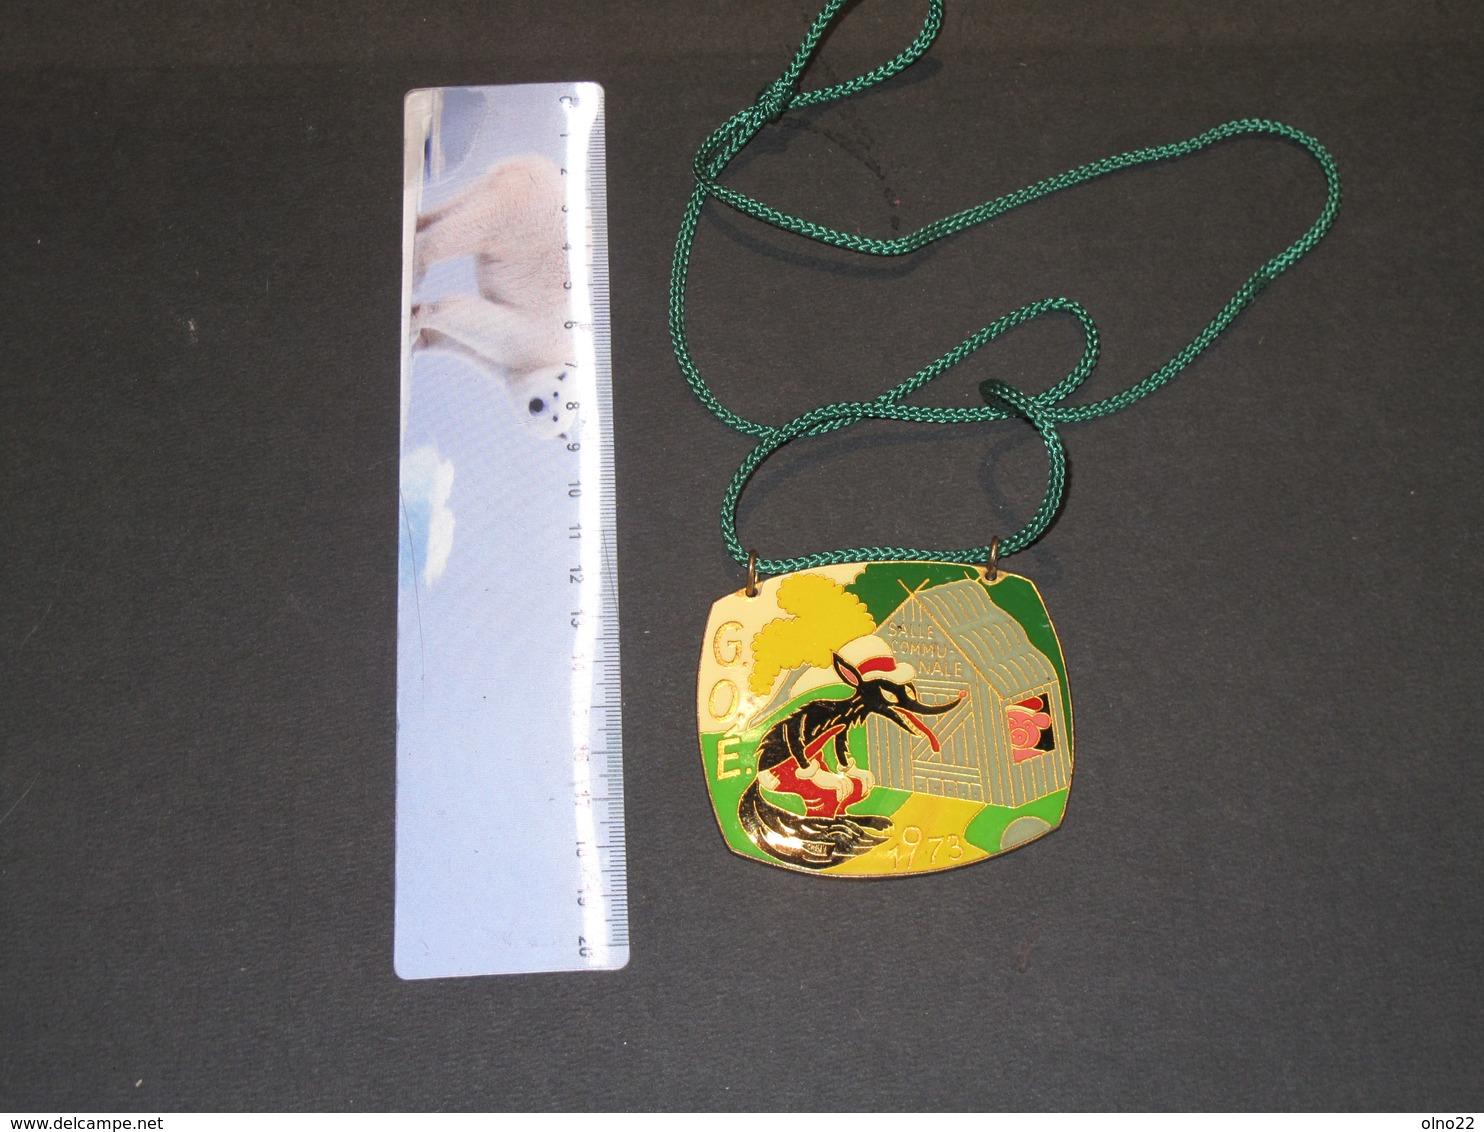 GOE - MAISON COMMUNALE - 1973 - Médaille émaillée Avecconte Loup Et Pêtits Cochons - - Belgium